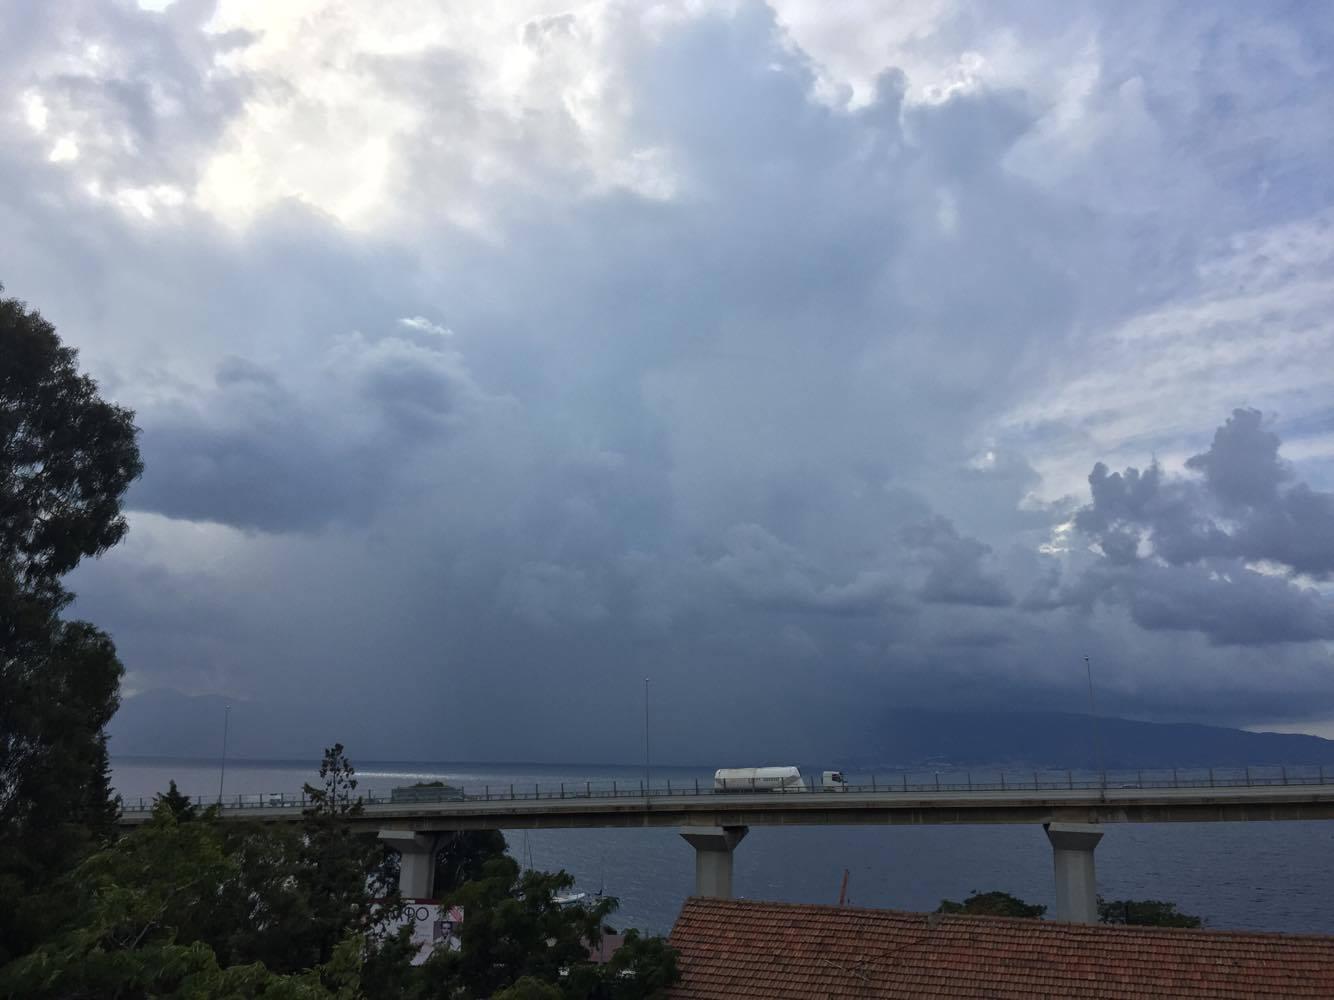 Allerta Meteo: forte temporale sullo Stretto di Messina, attenzione a Reggio Calabria [LIVE]